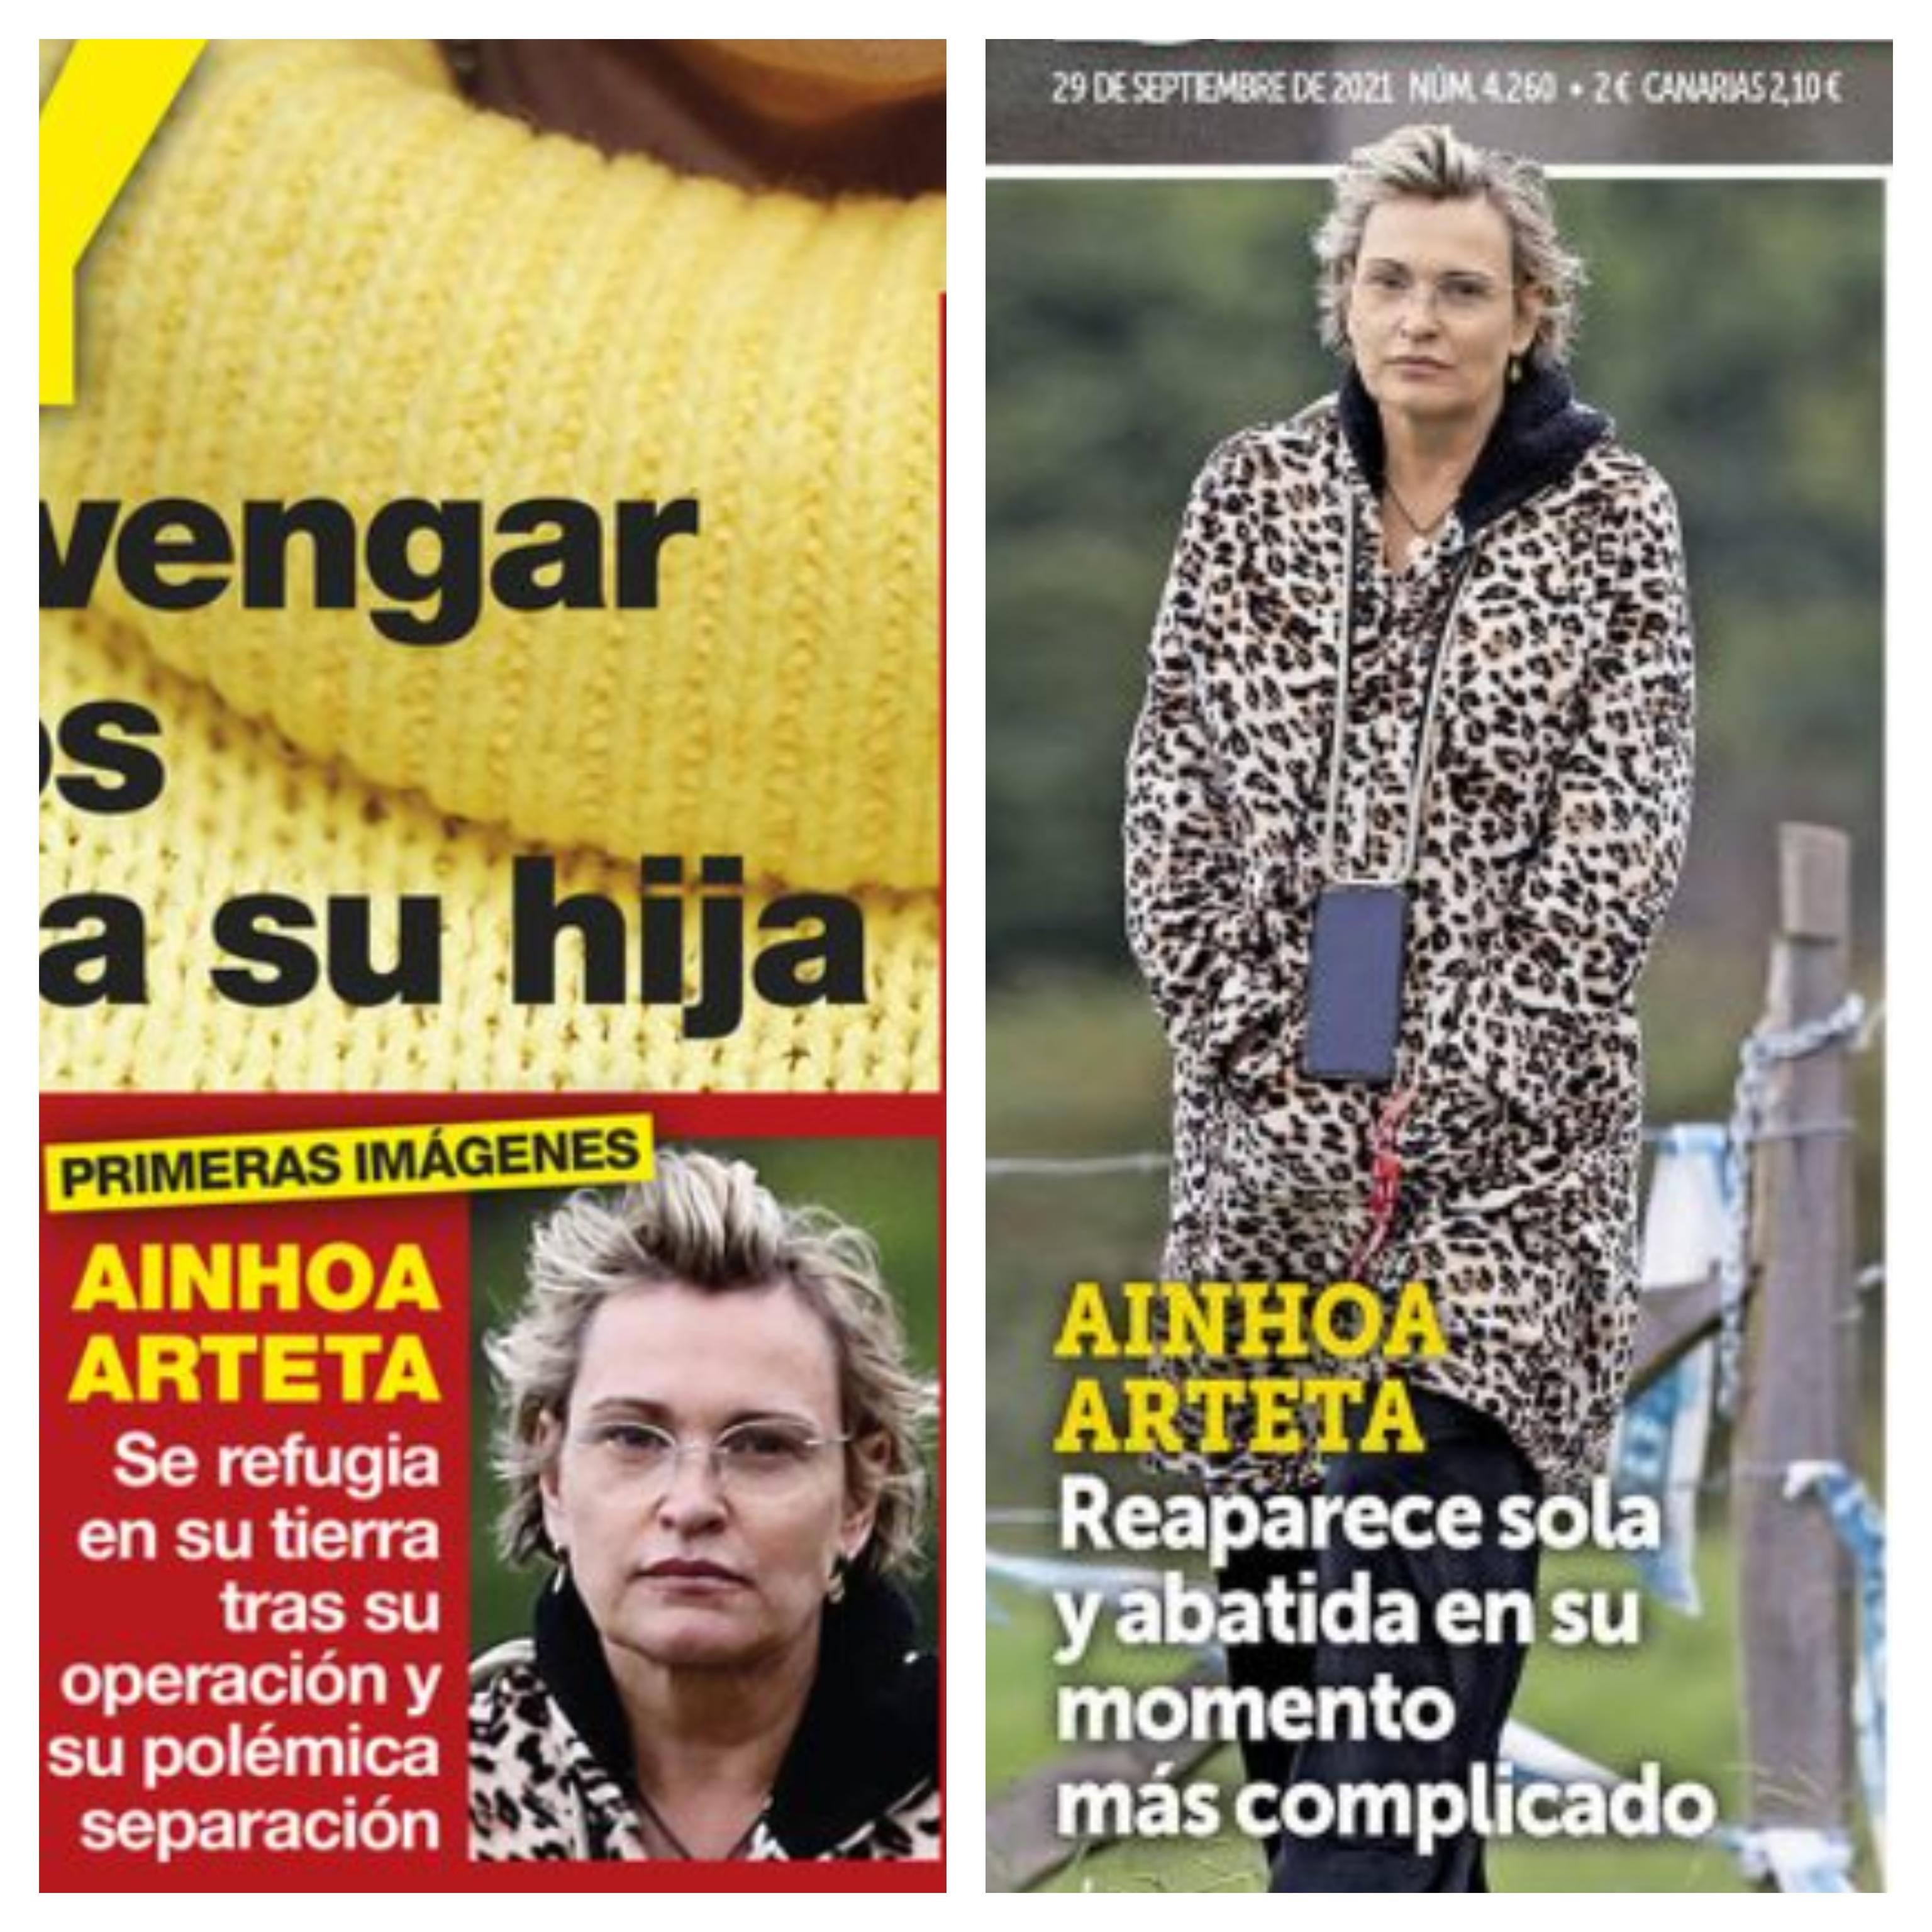 Ainhoa Arteta en las portadas de Diez Minutos y Semana.